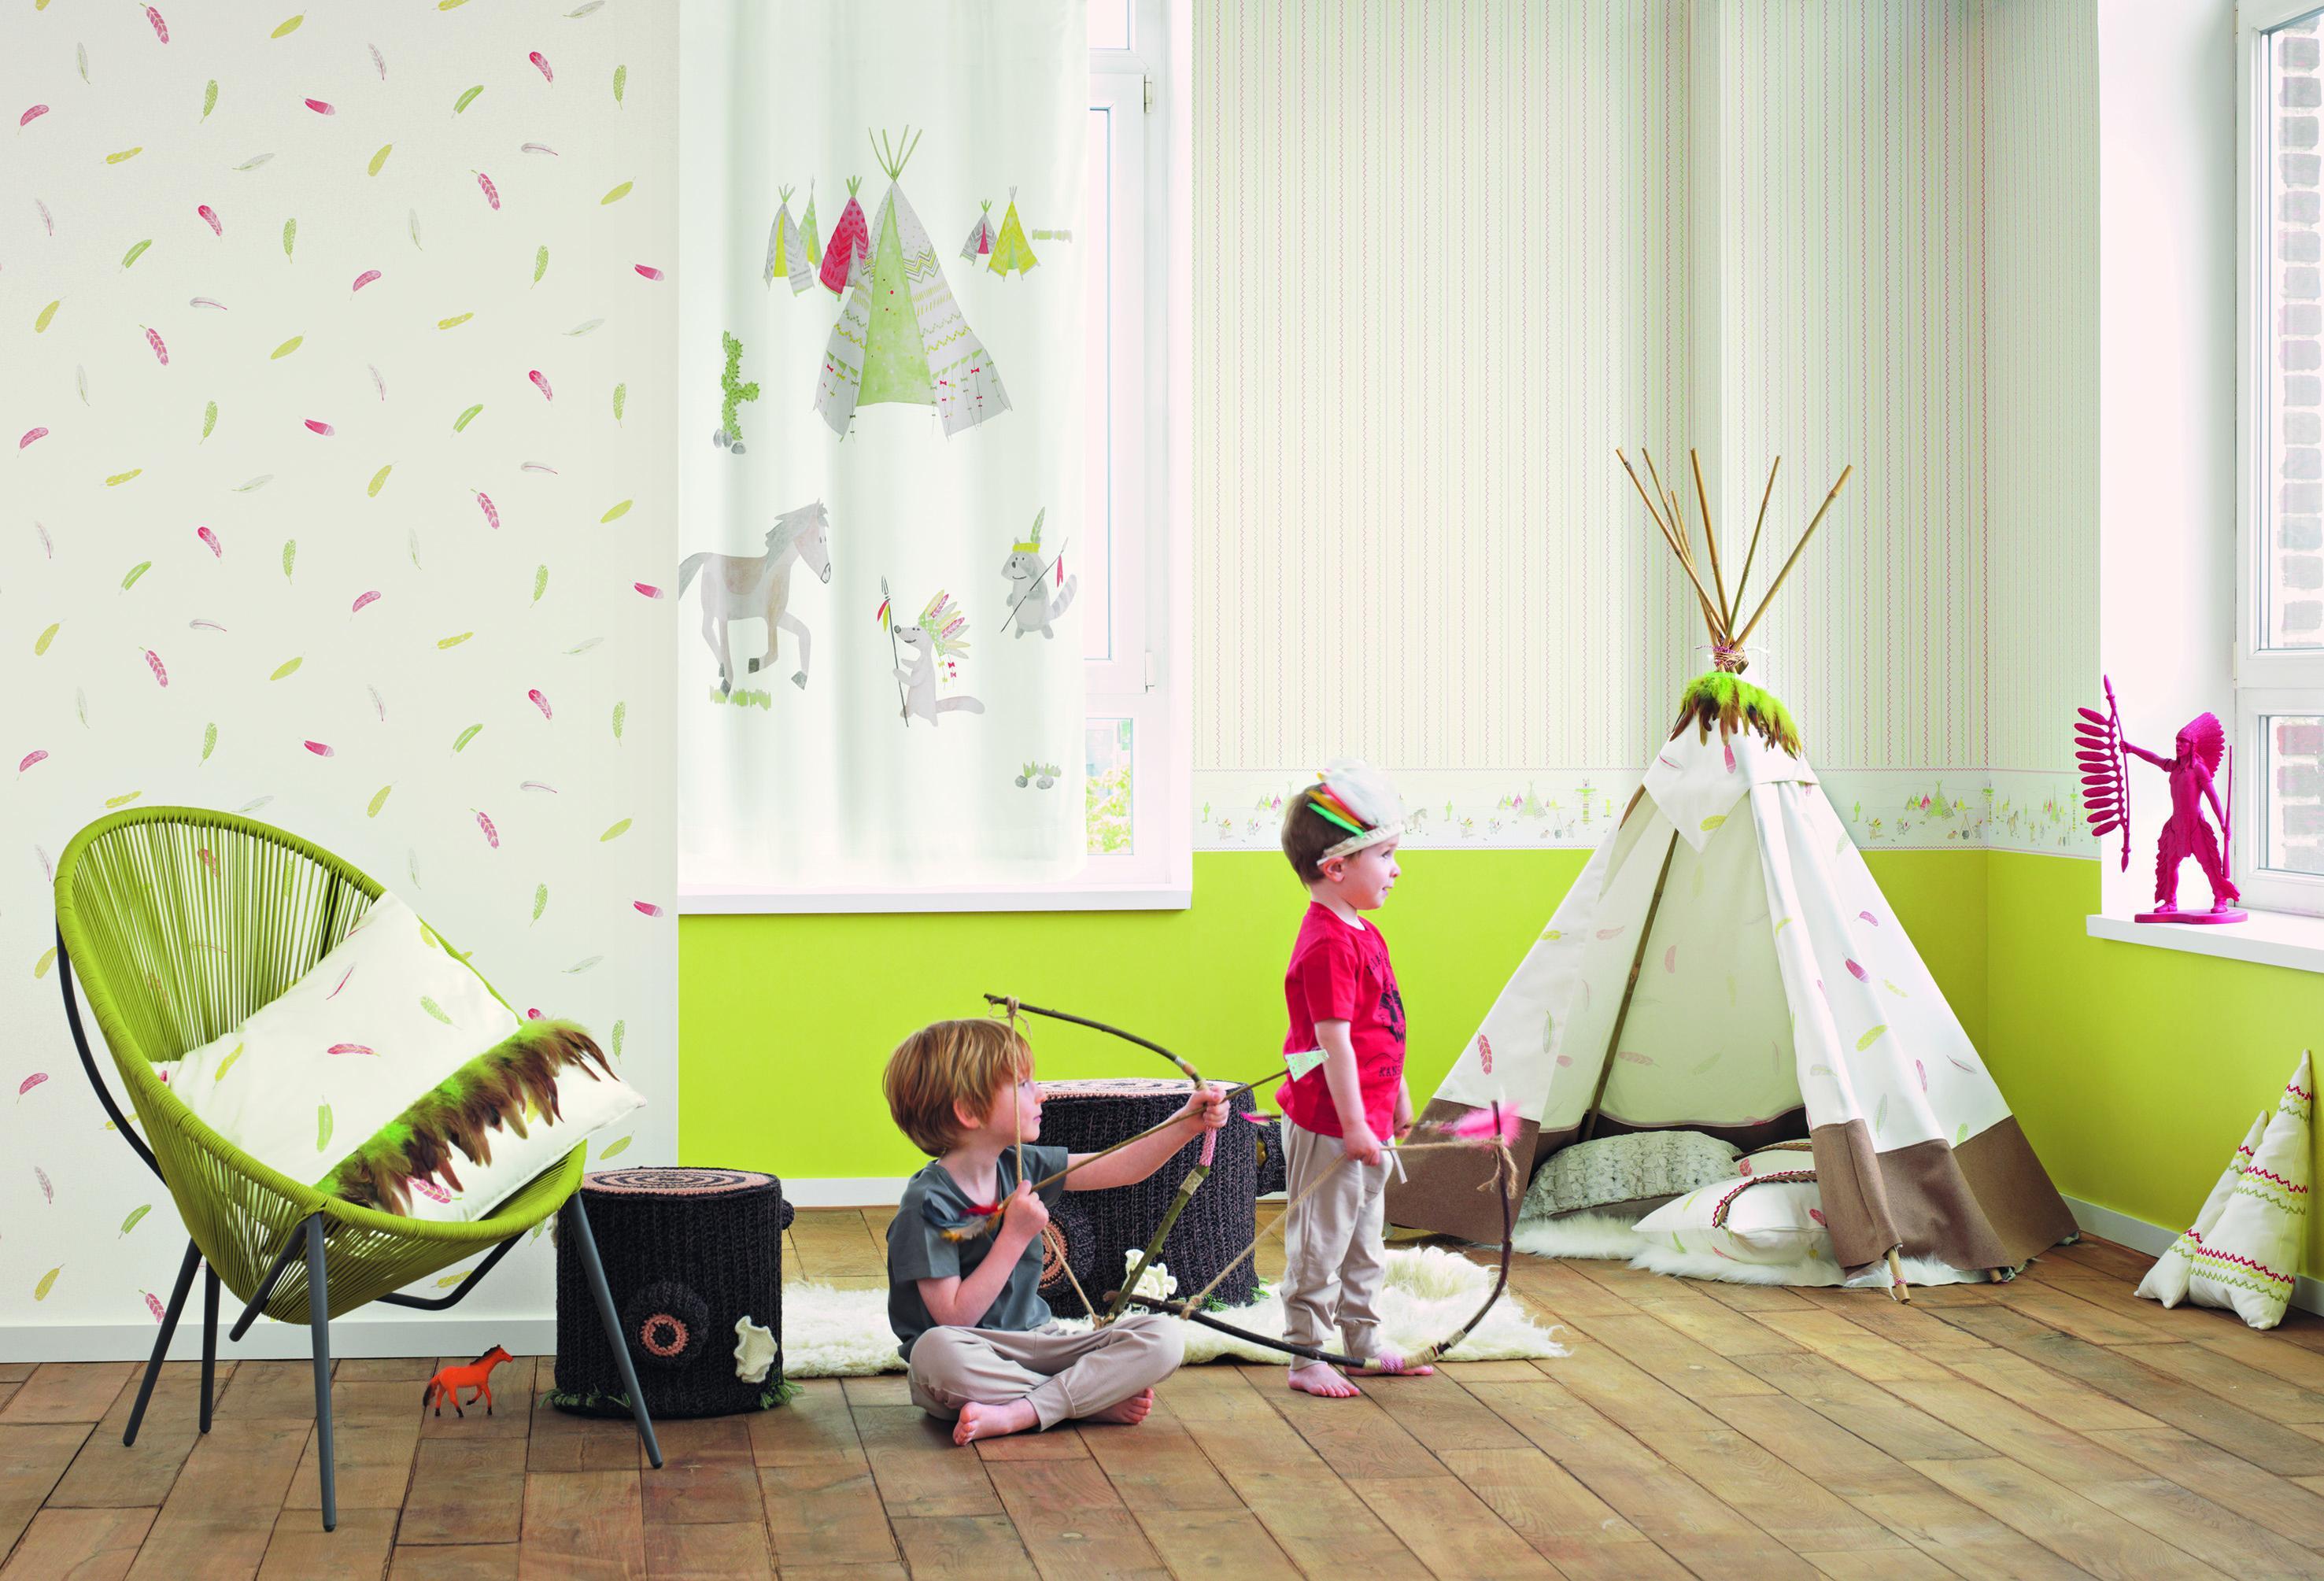 Kinderzimmer Mit Indianermotiv #jungenzimmer #wandgestaltungkinderzimmer  ©Casadeco